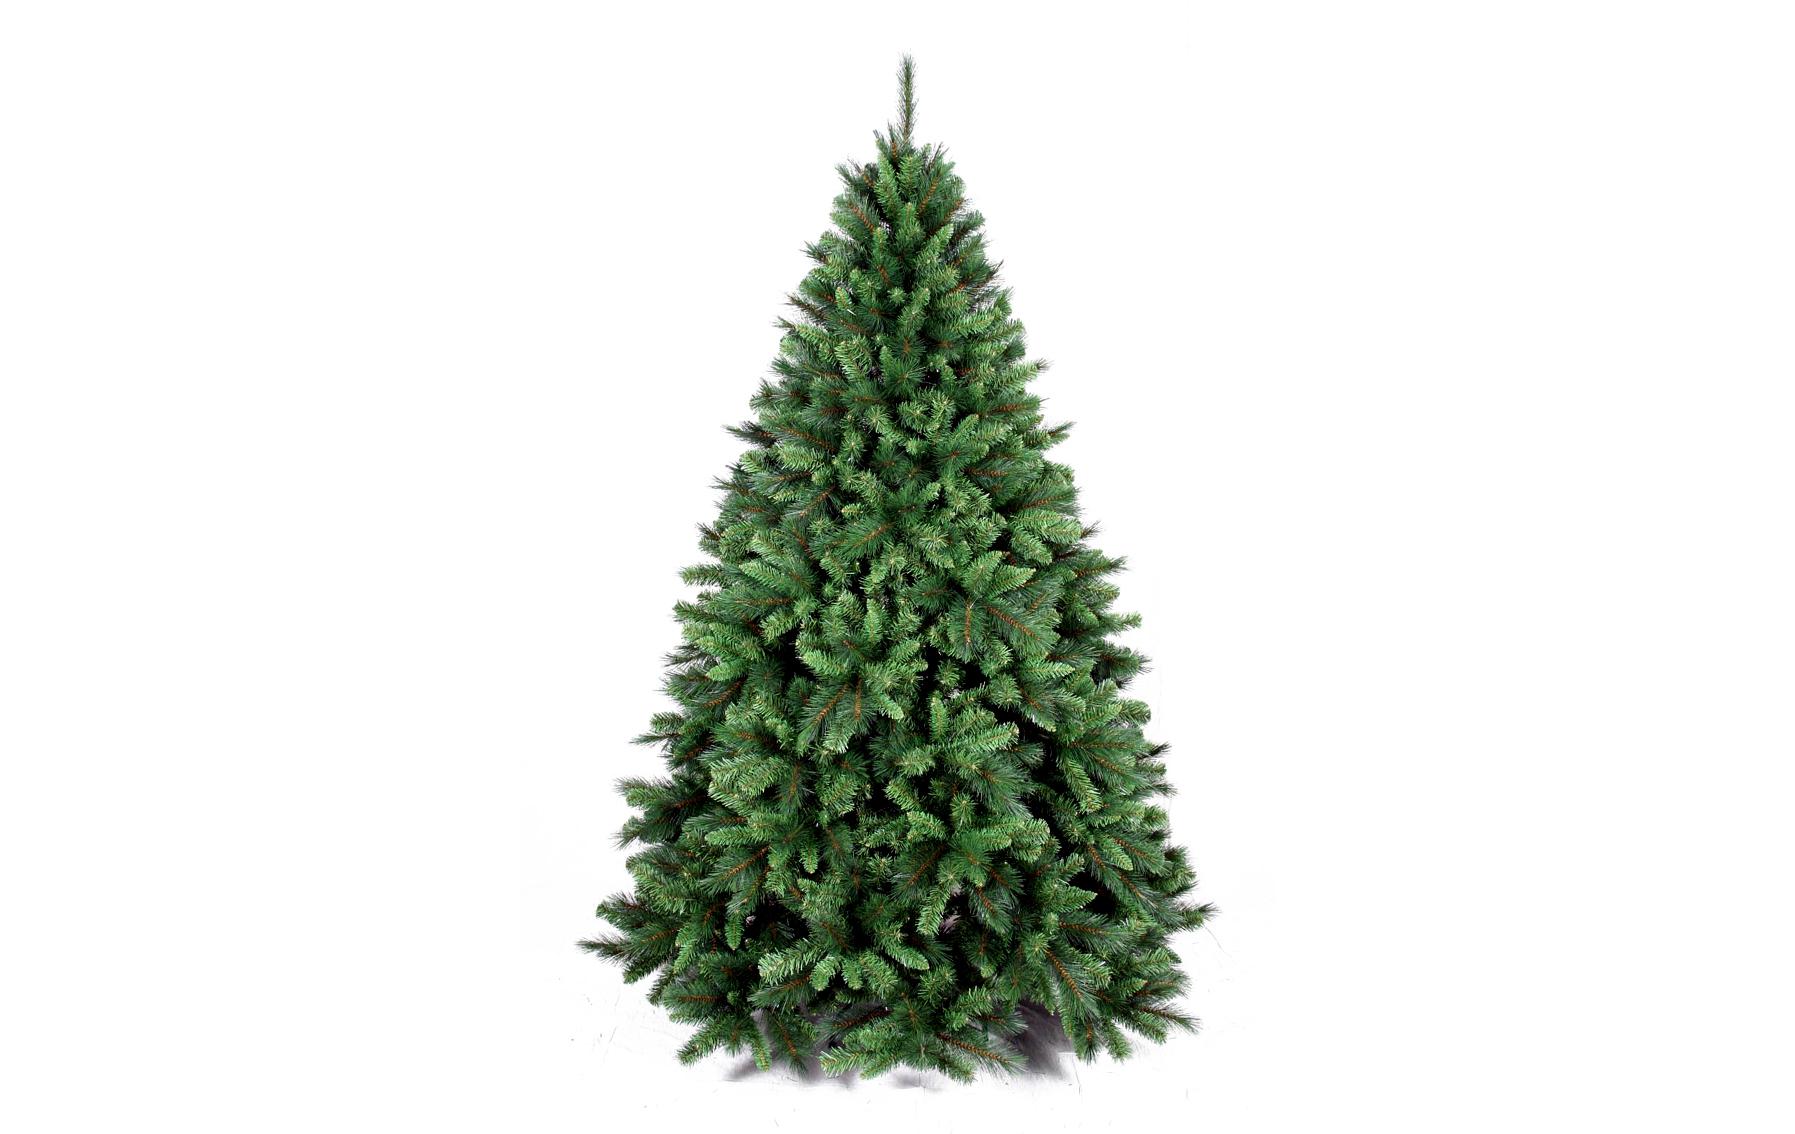 arbol de 225cm navidad www.floresymuchomas.com